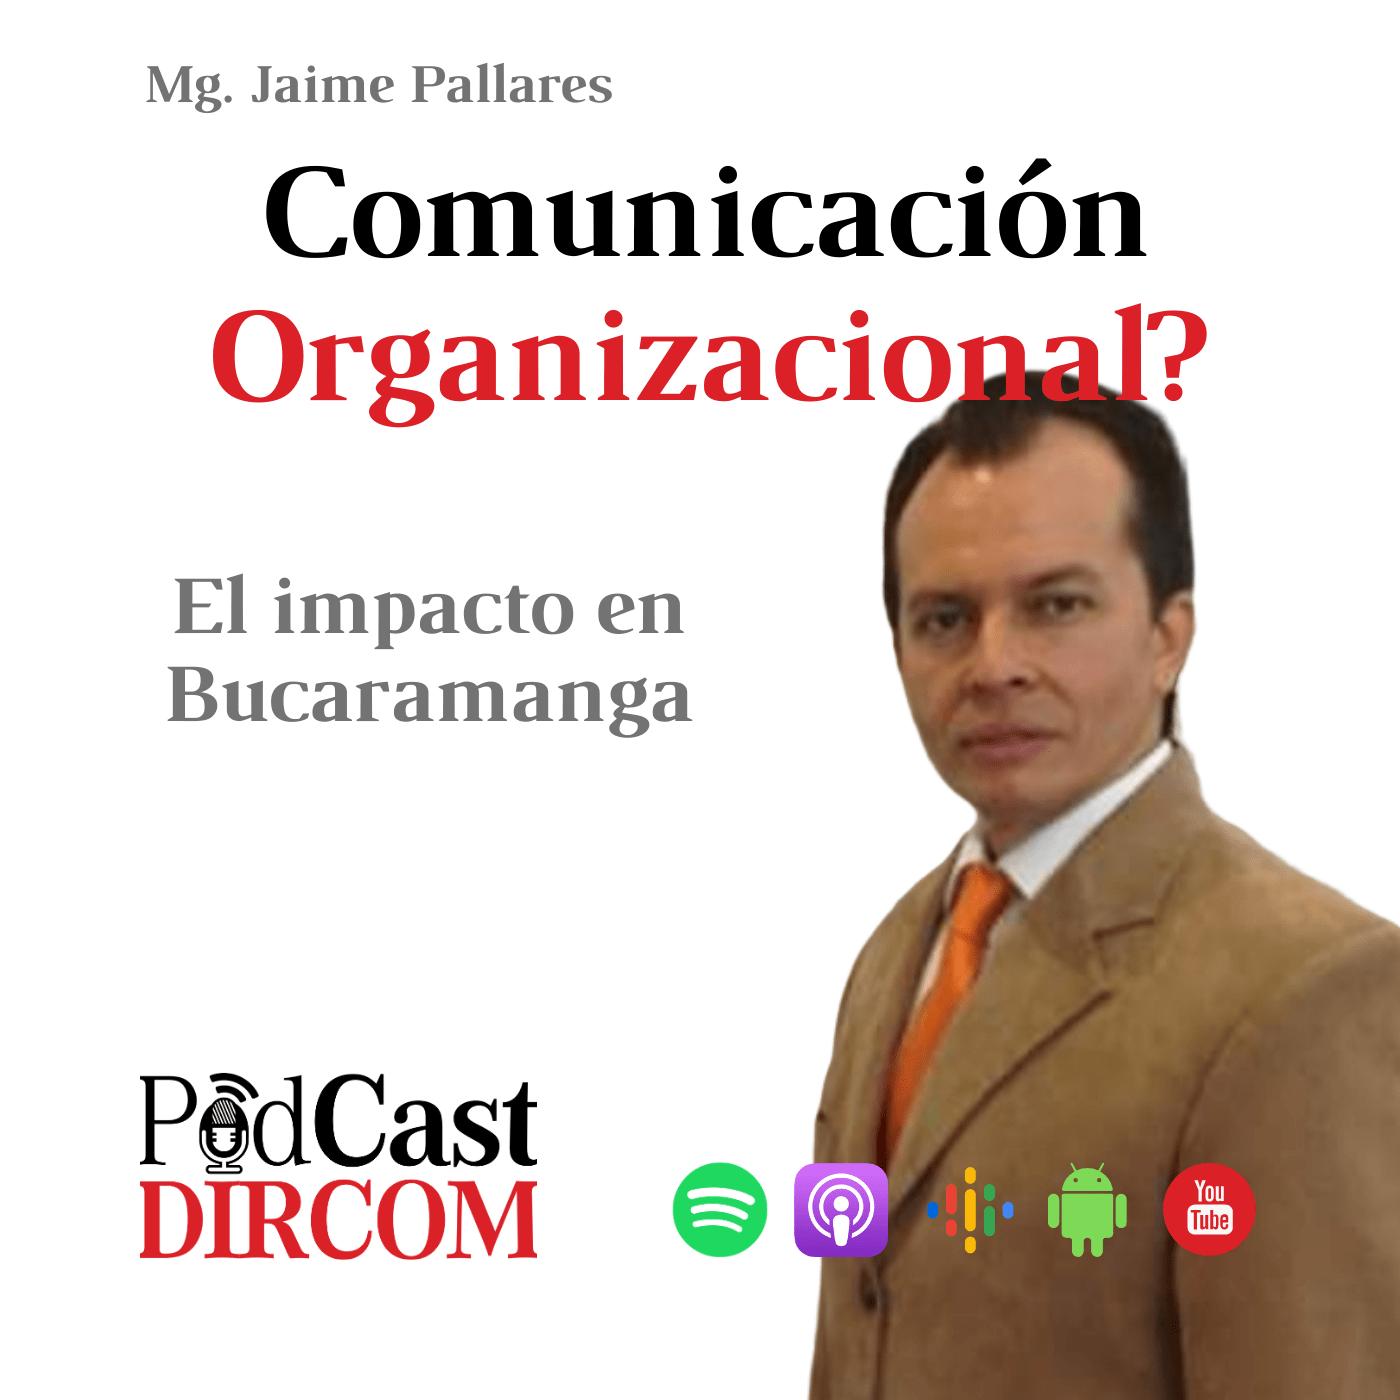 Comunicación Organizacional en Bucaramanga